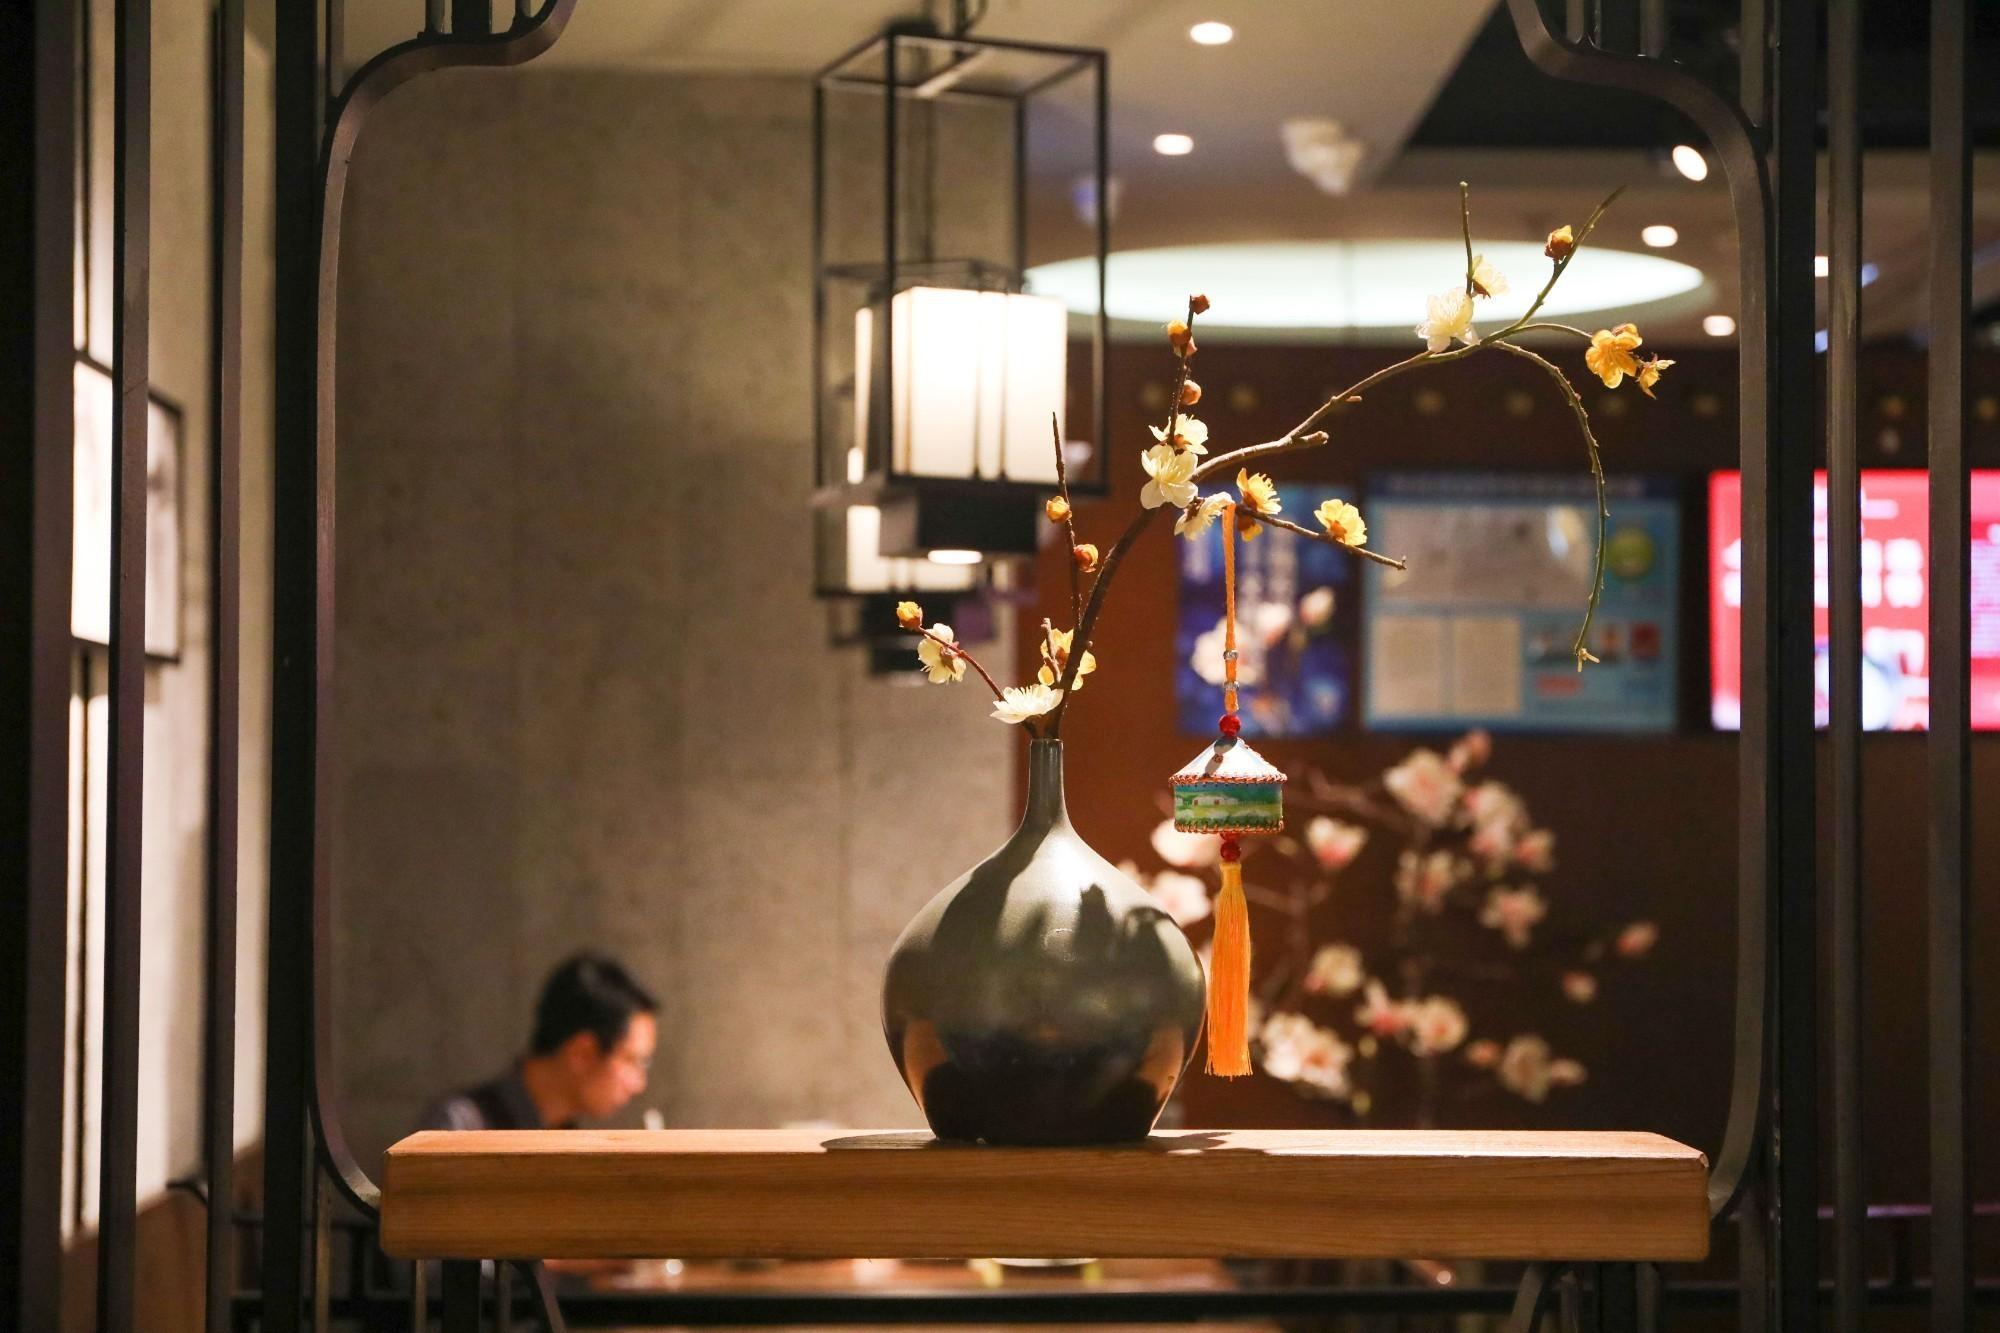 【上海】45店通用 59.9元抢呷哺呷哺双人堂食套餐!20年用心经营,门店多到覆盖中国19个省份!仅凭一碗麻酱,便能吸引无数食客!来这里,一人一锅,带给你满满安全感!